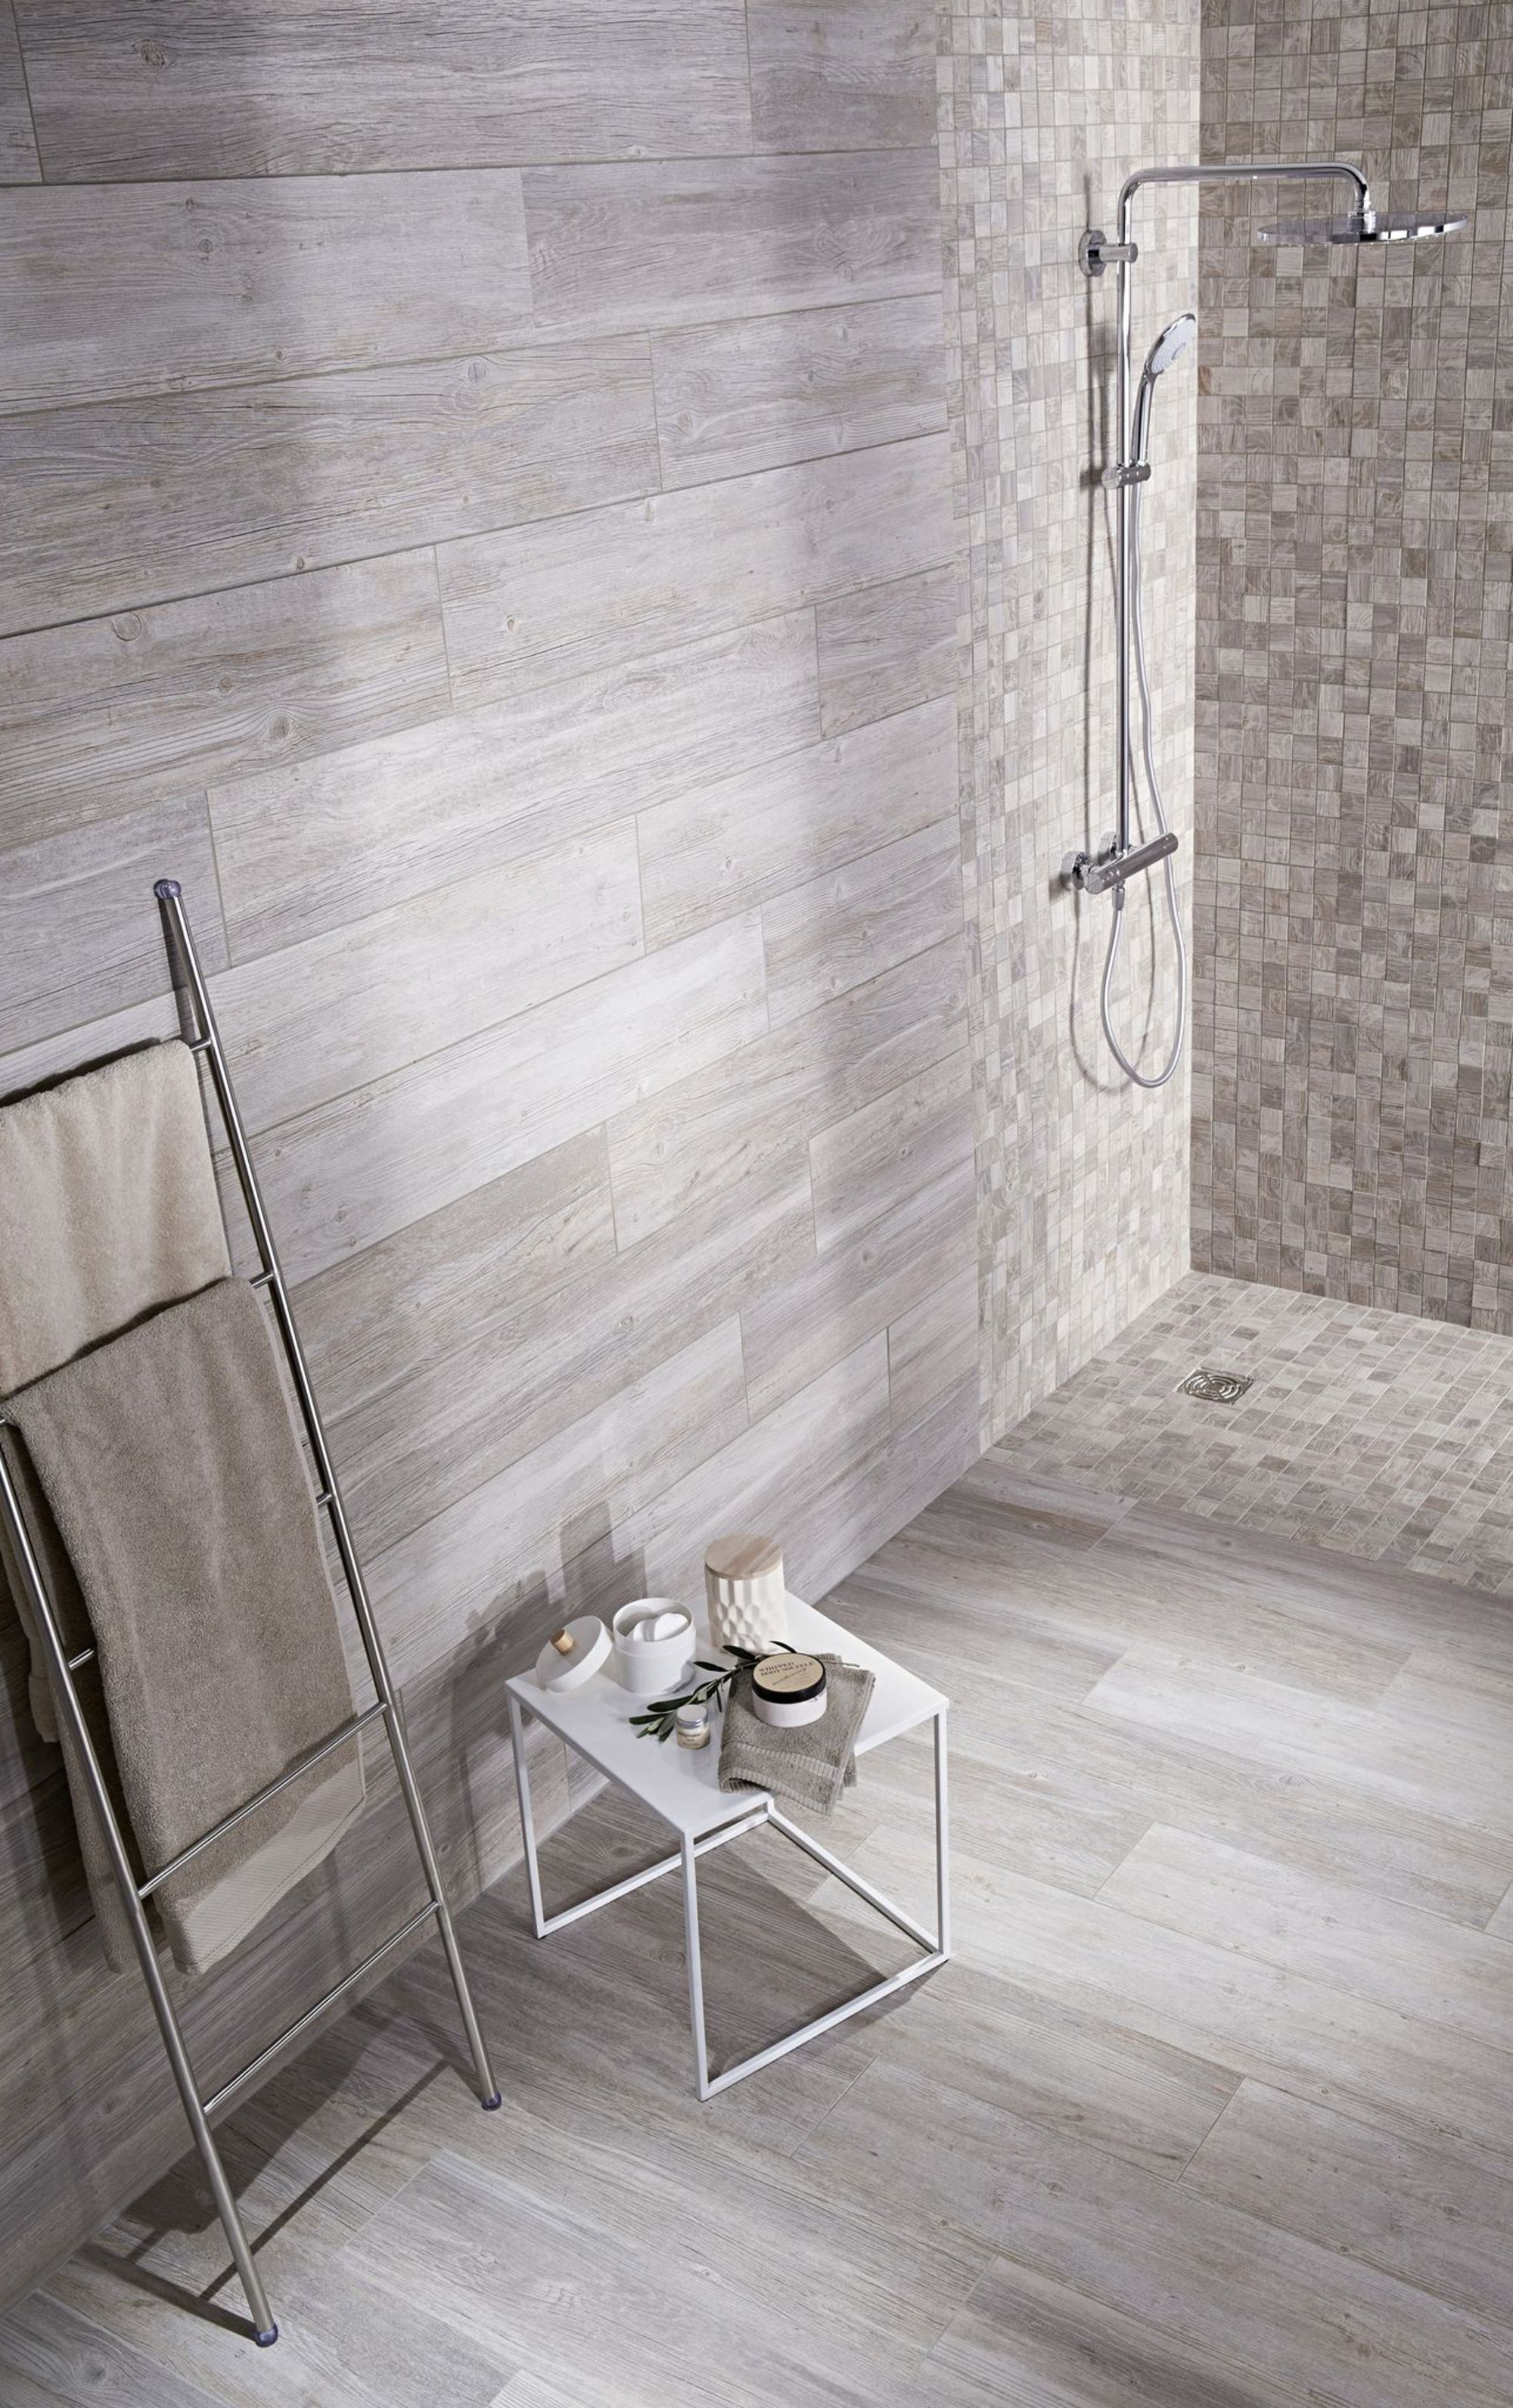 Salle de bain des id es de c ramique ou fa ence tendance salle carrelage salle de bain - Faience salle de bain zen ...